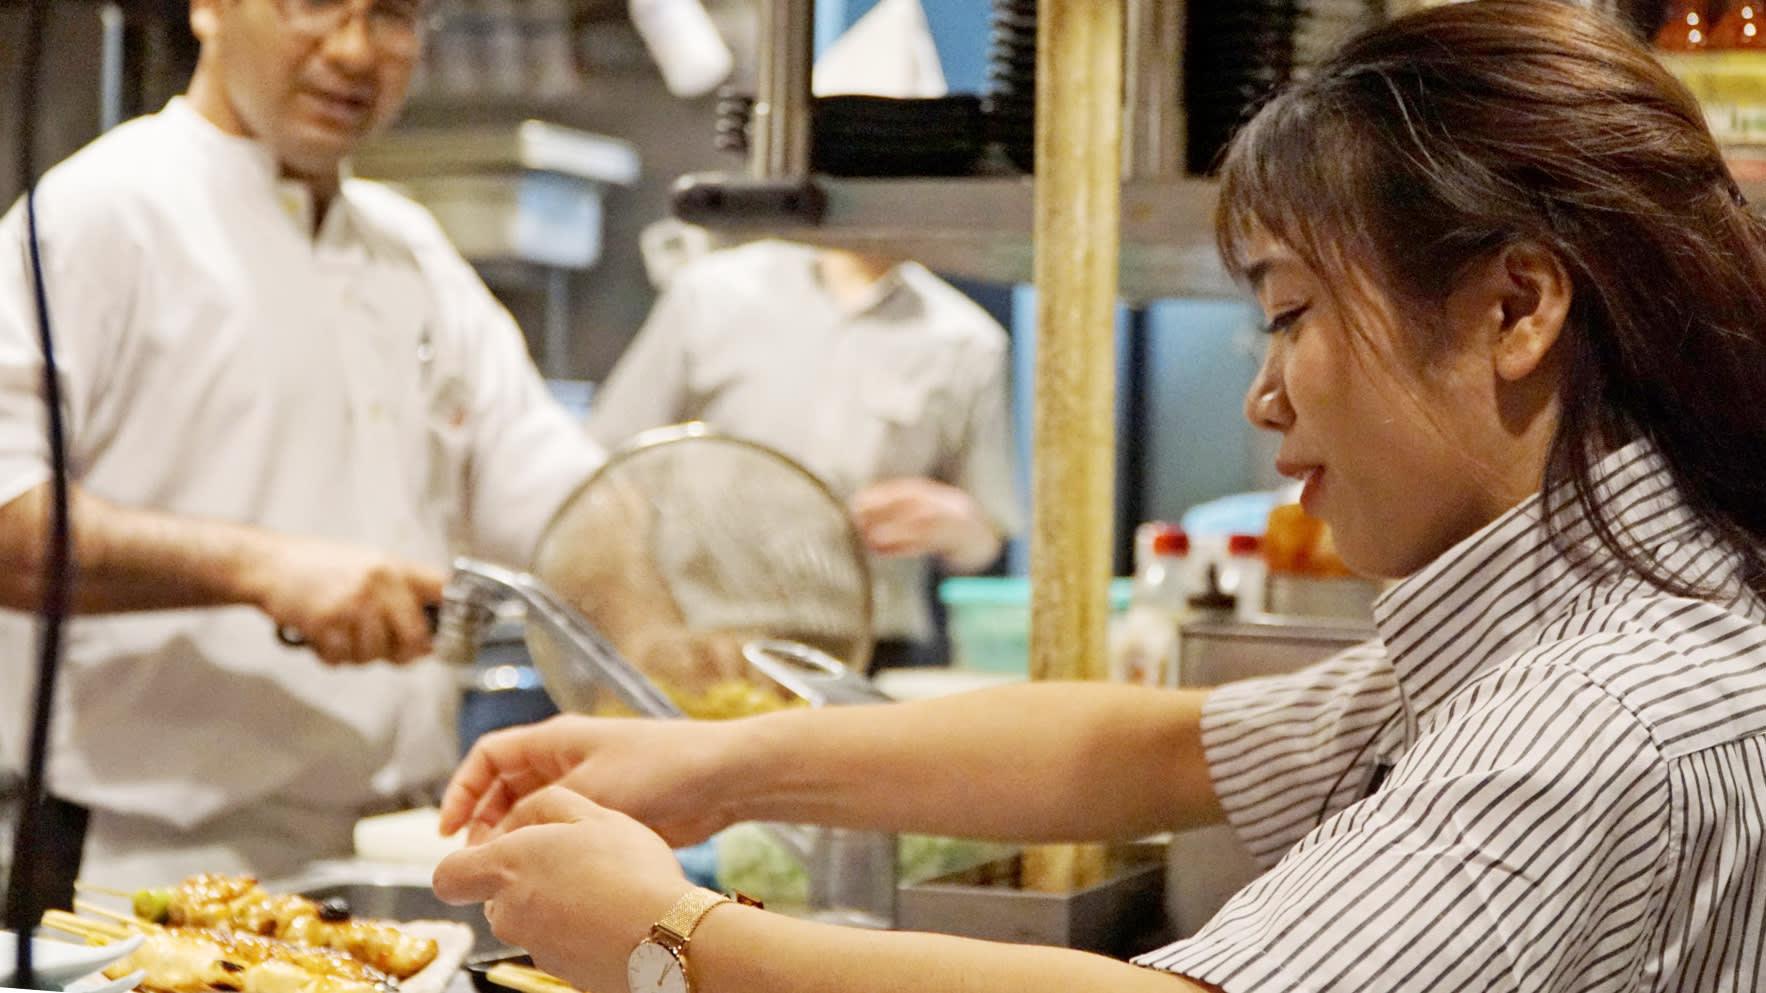 Thiếu hụt nhân lực, doanh nghiệp Nhật Bản đua nhau tuyển dụng tại Đông Nam Á